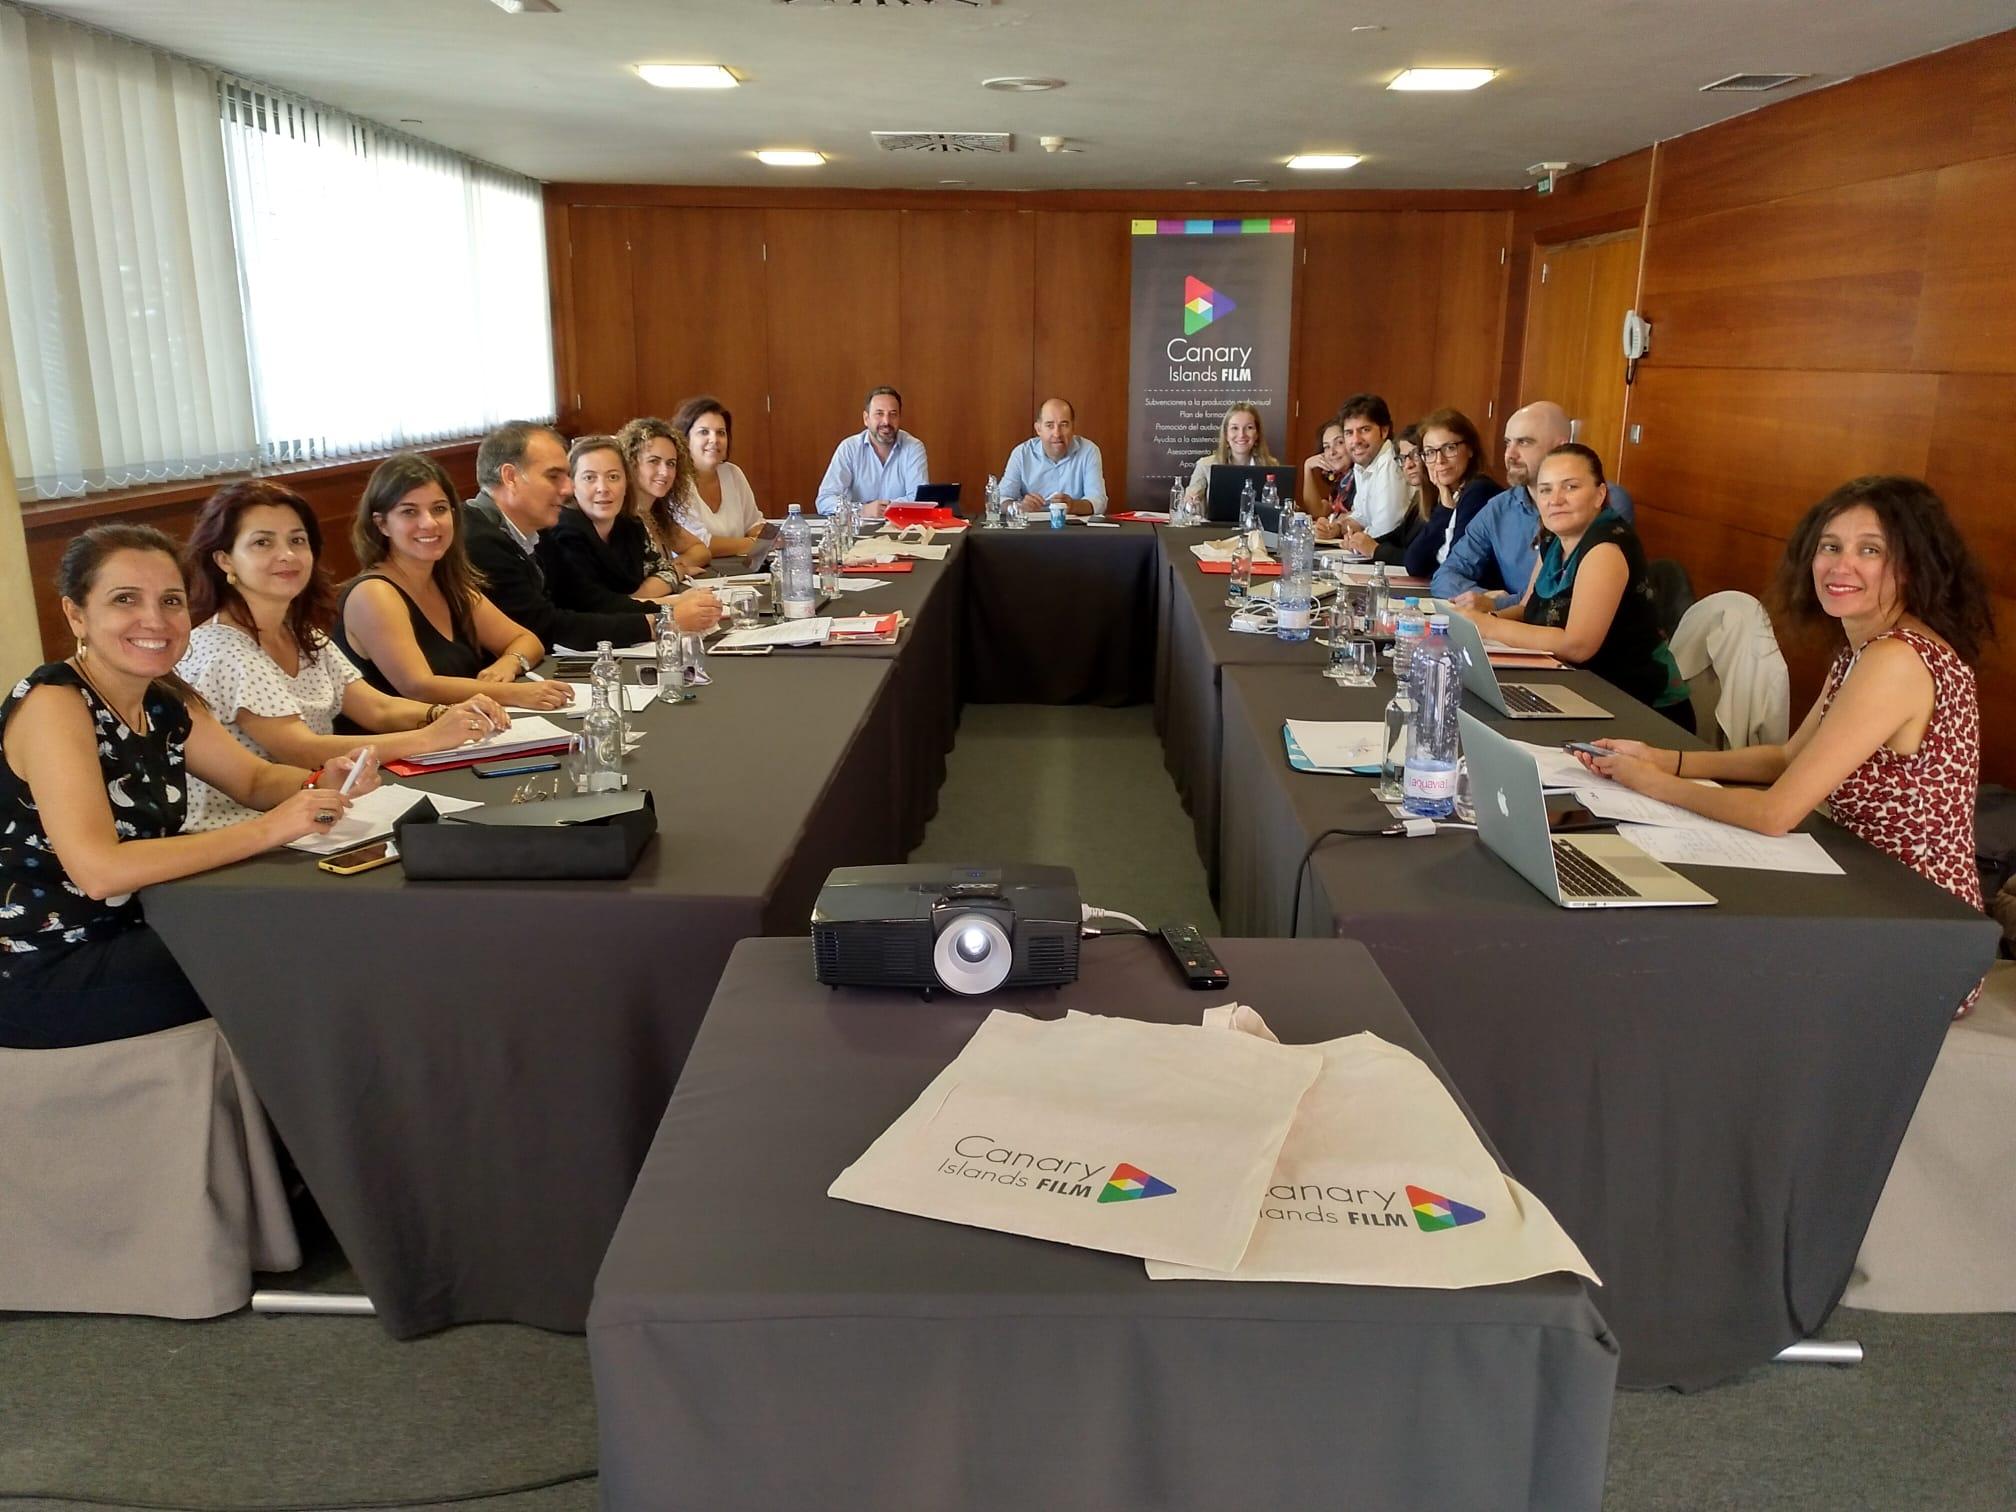 Canary Islands Film reúne a todos sus miembros para fijar la estrategia de 2020